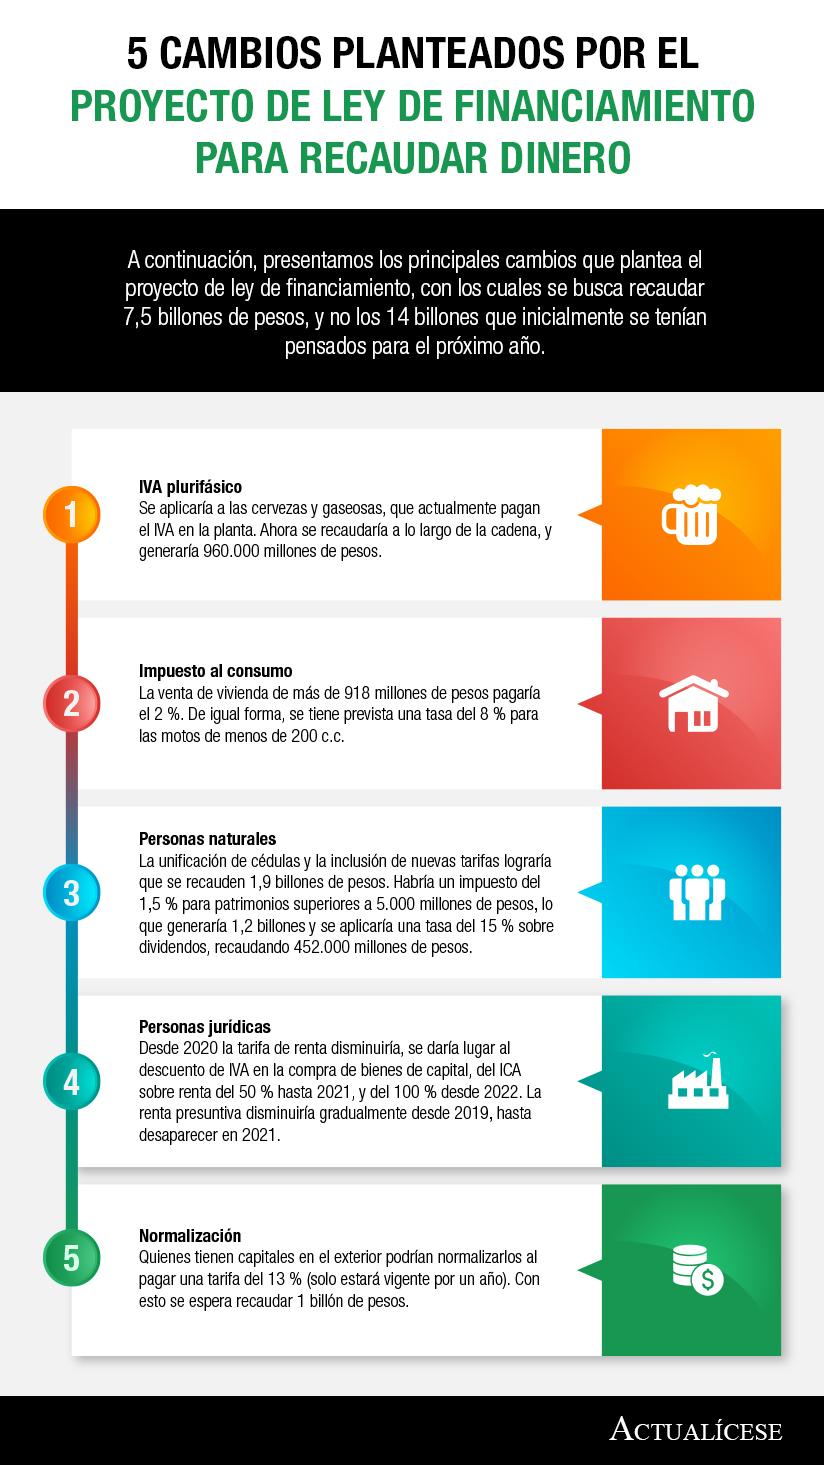 [Infografía] 5 cambios planteados por el proyecto de ley de financiamiento para recaudar dinero